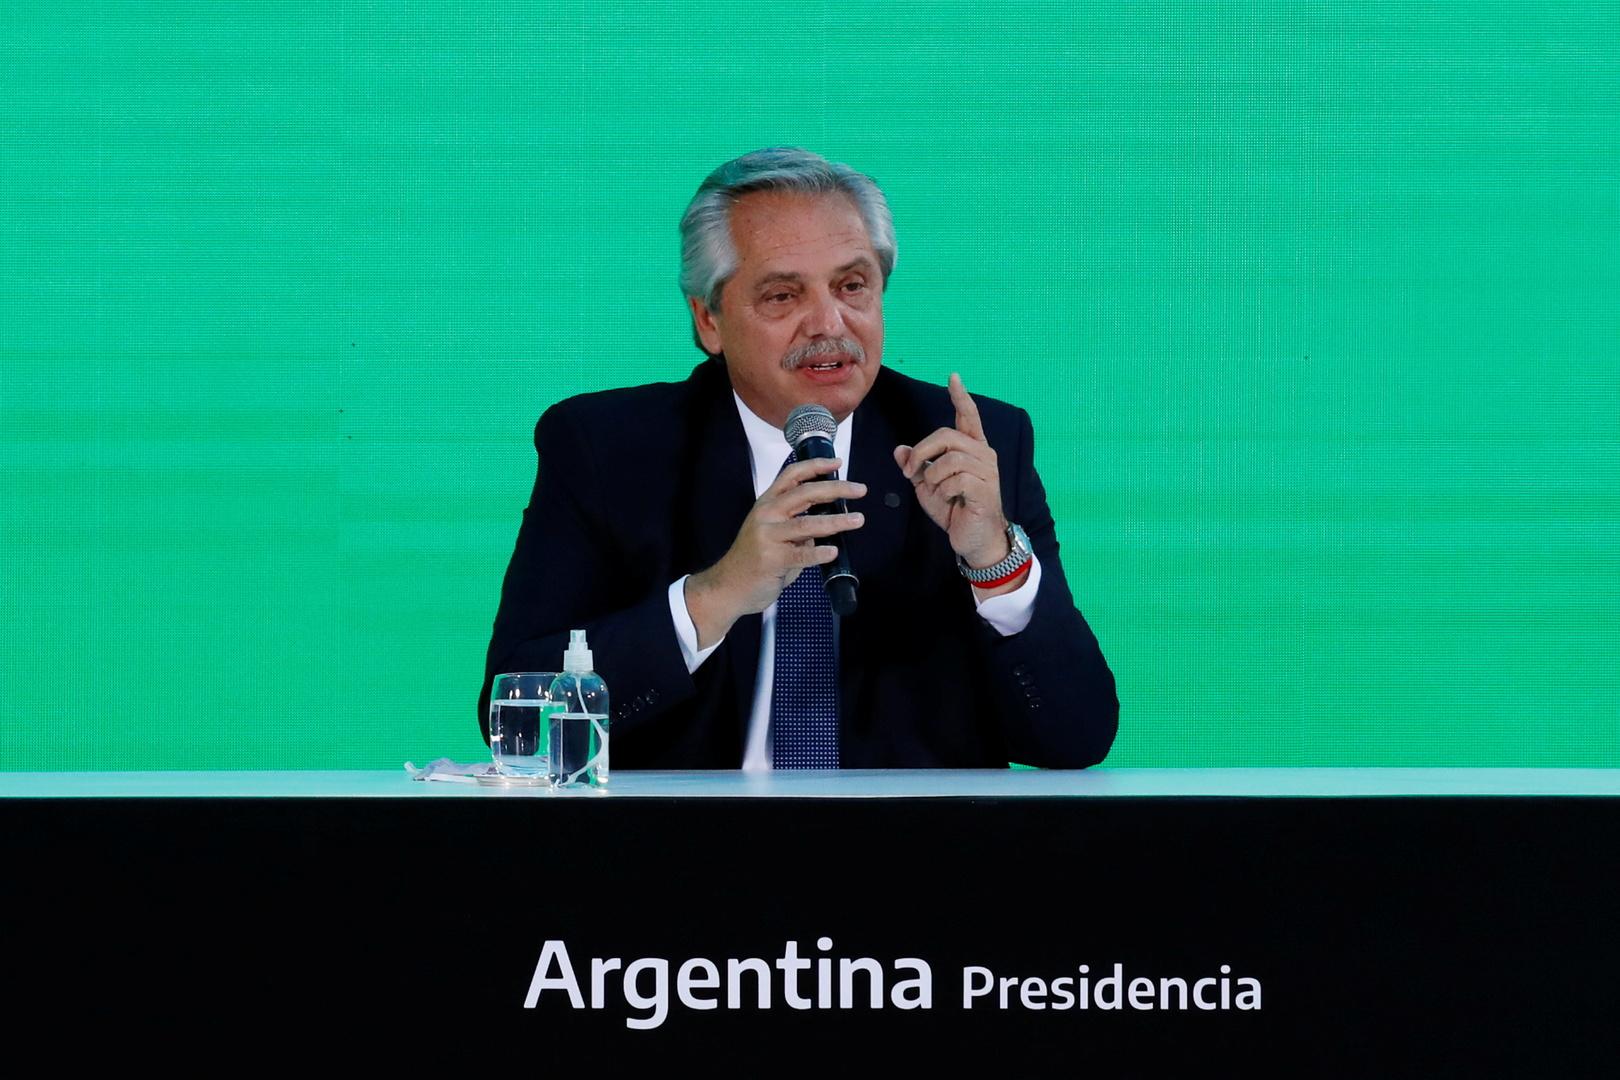 رئيس الأرجنتين يتلقى الجرعة الأولى من لقاح